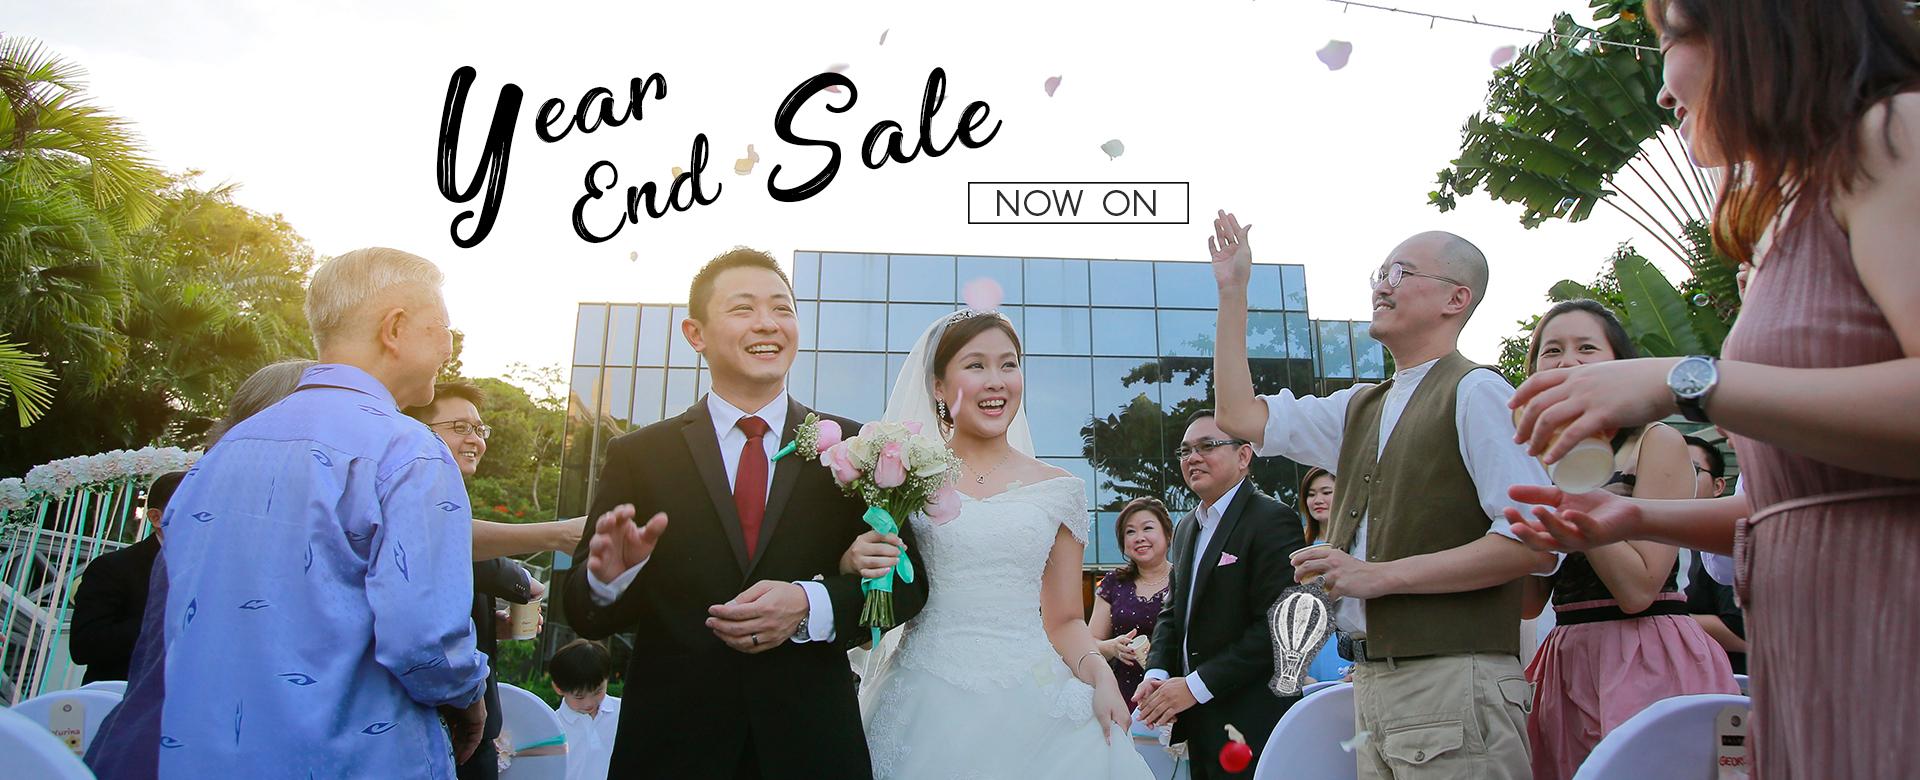 Year-end Bridal Sale